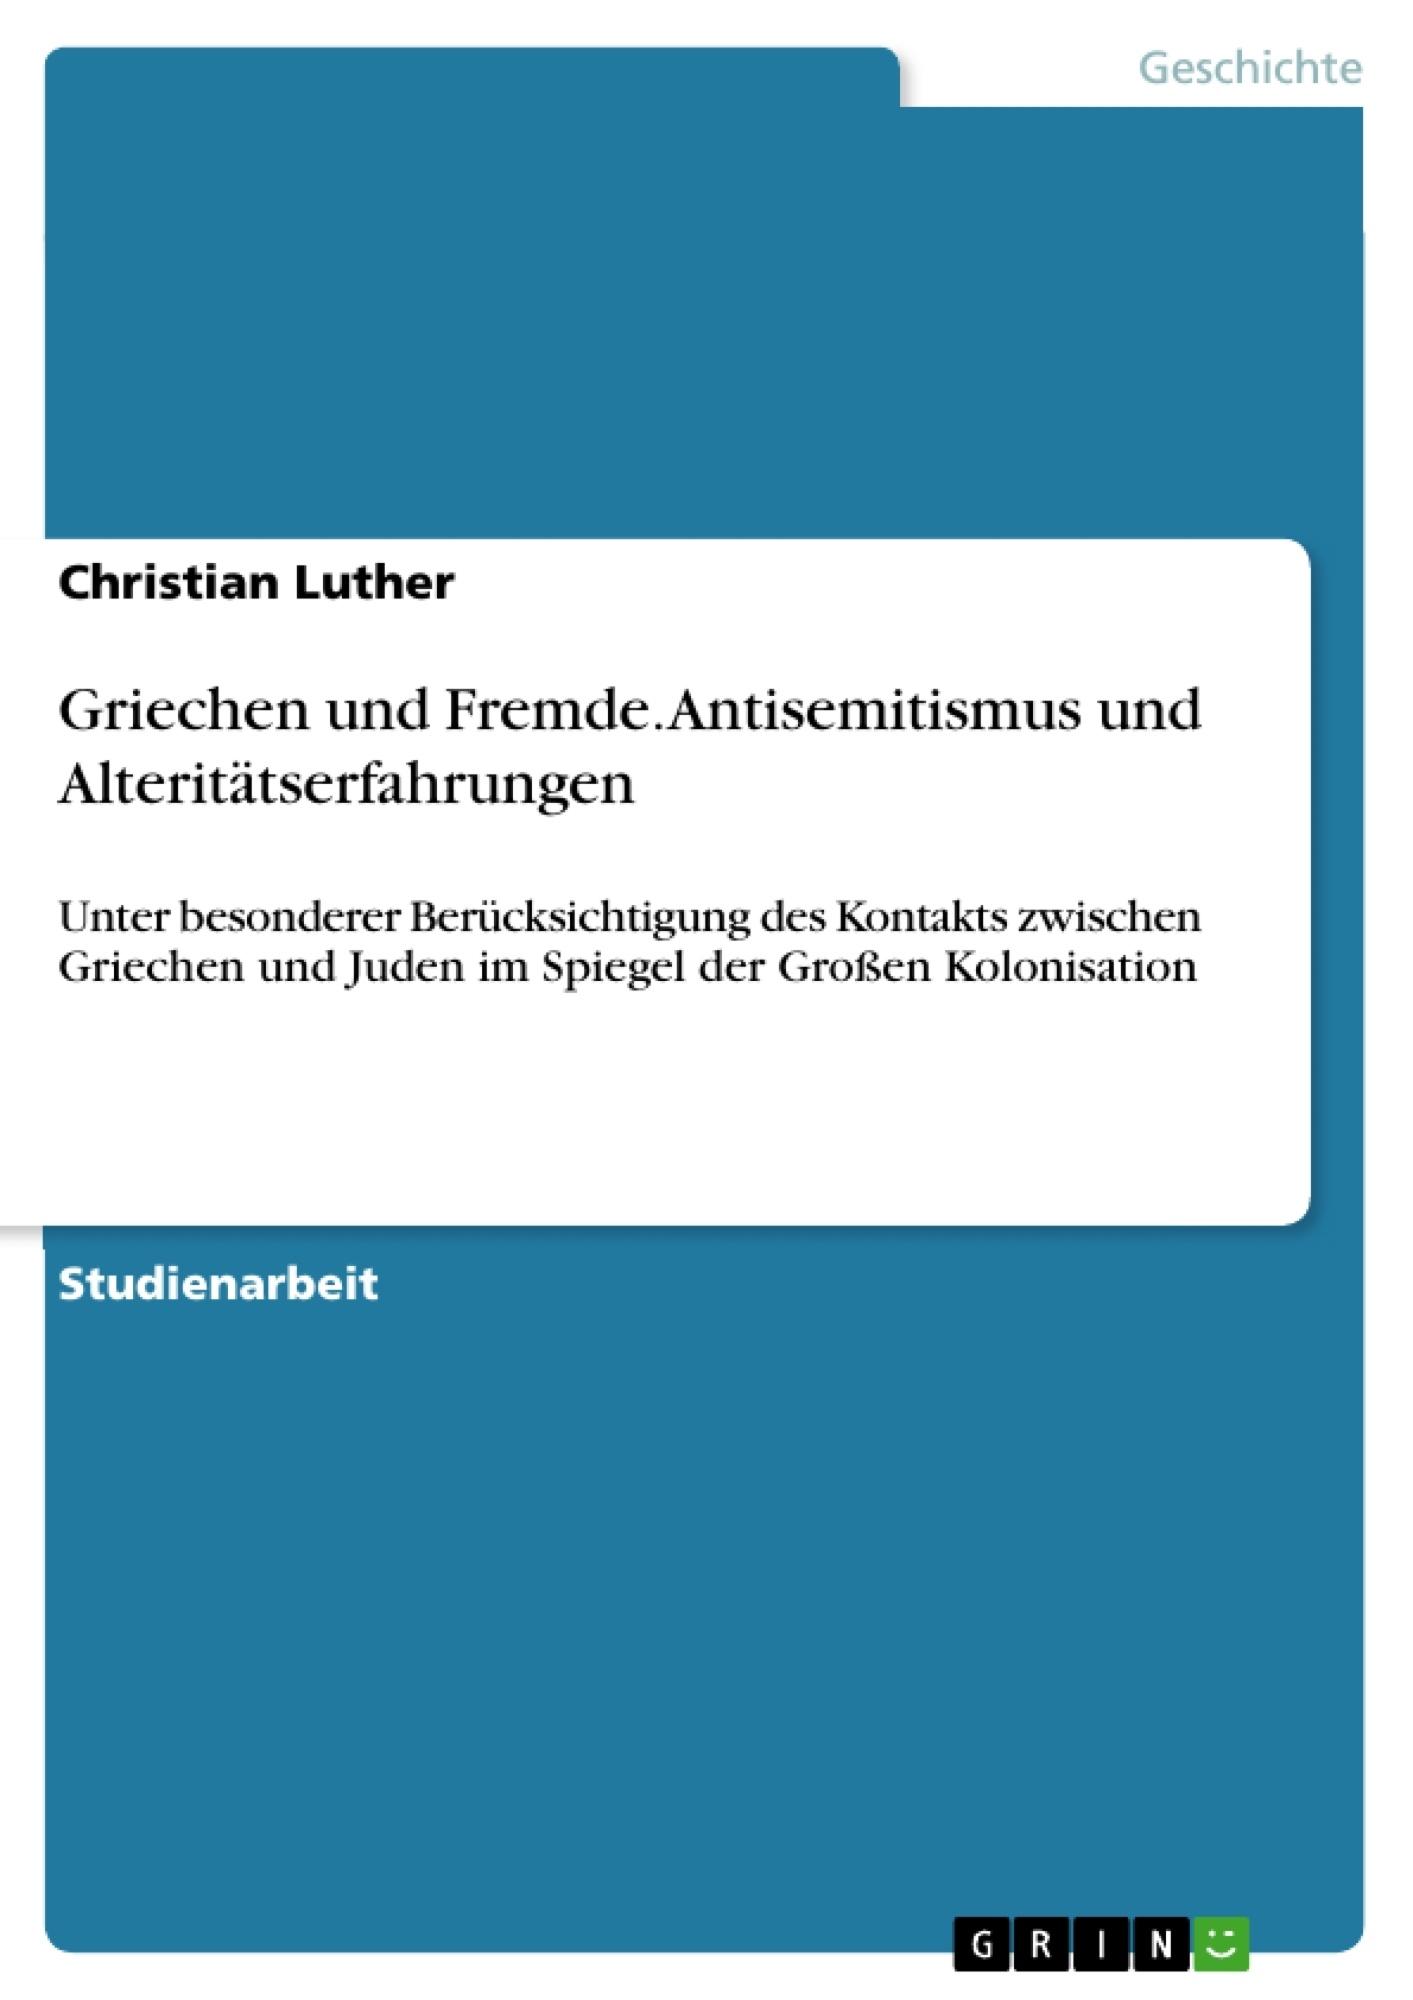 Titel: Griechen und Fremde. Antisemitismus und Alteritätserfahrungen